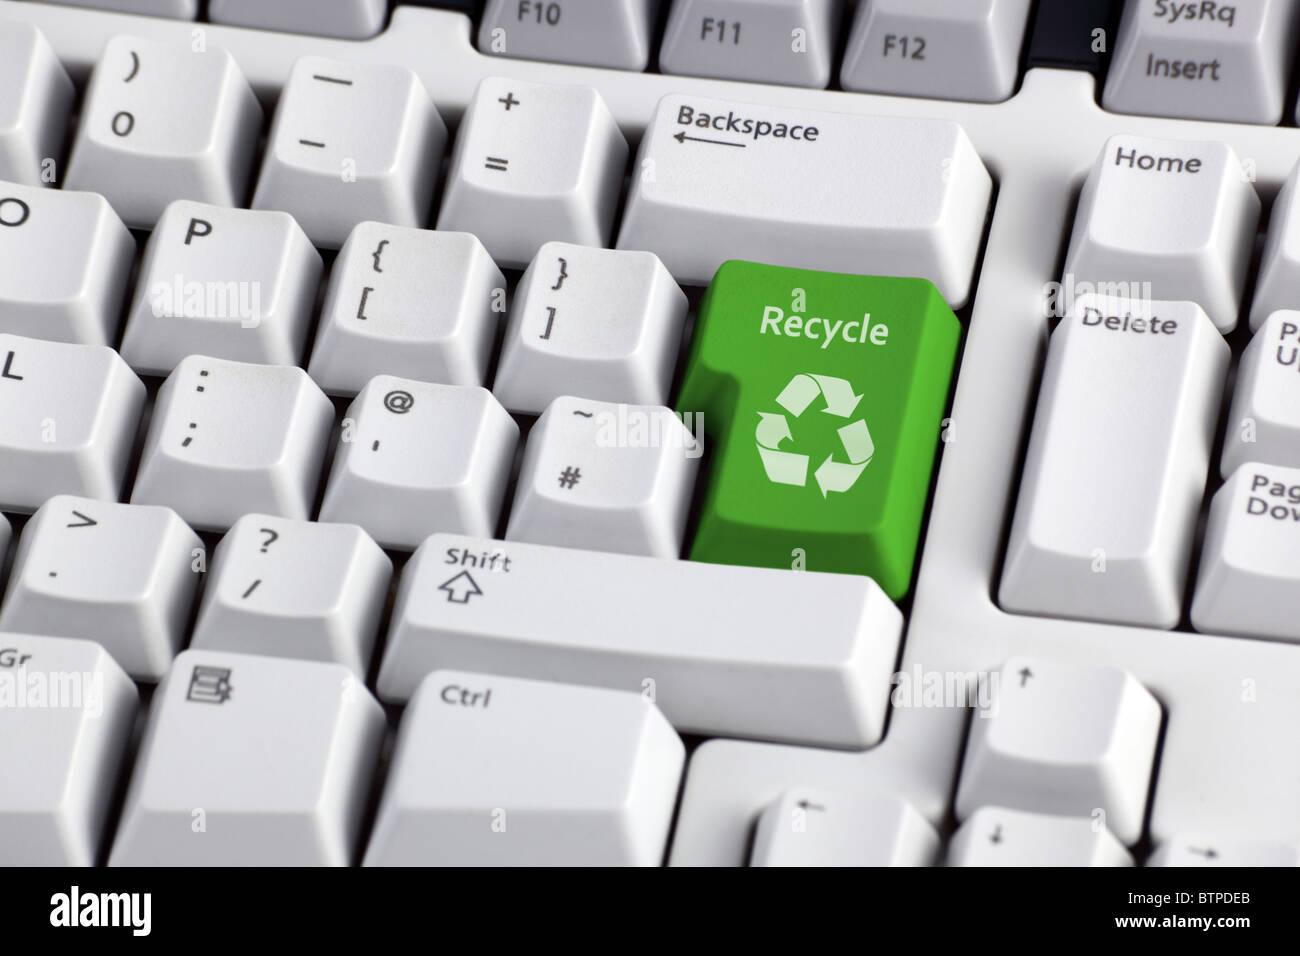 Símbolo de reciclaje en el teclado Imagen De Stock